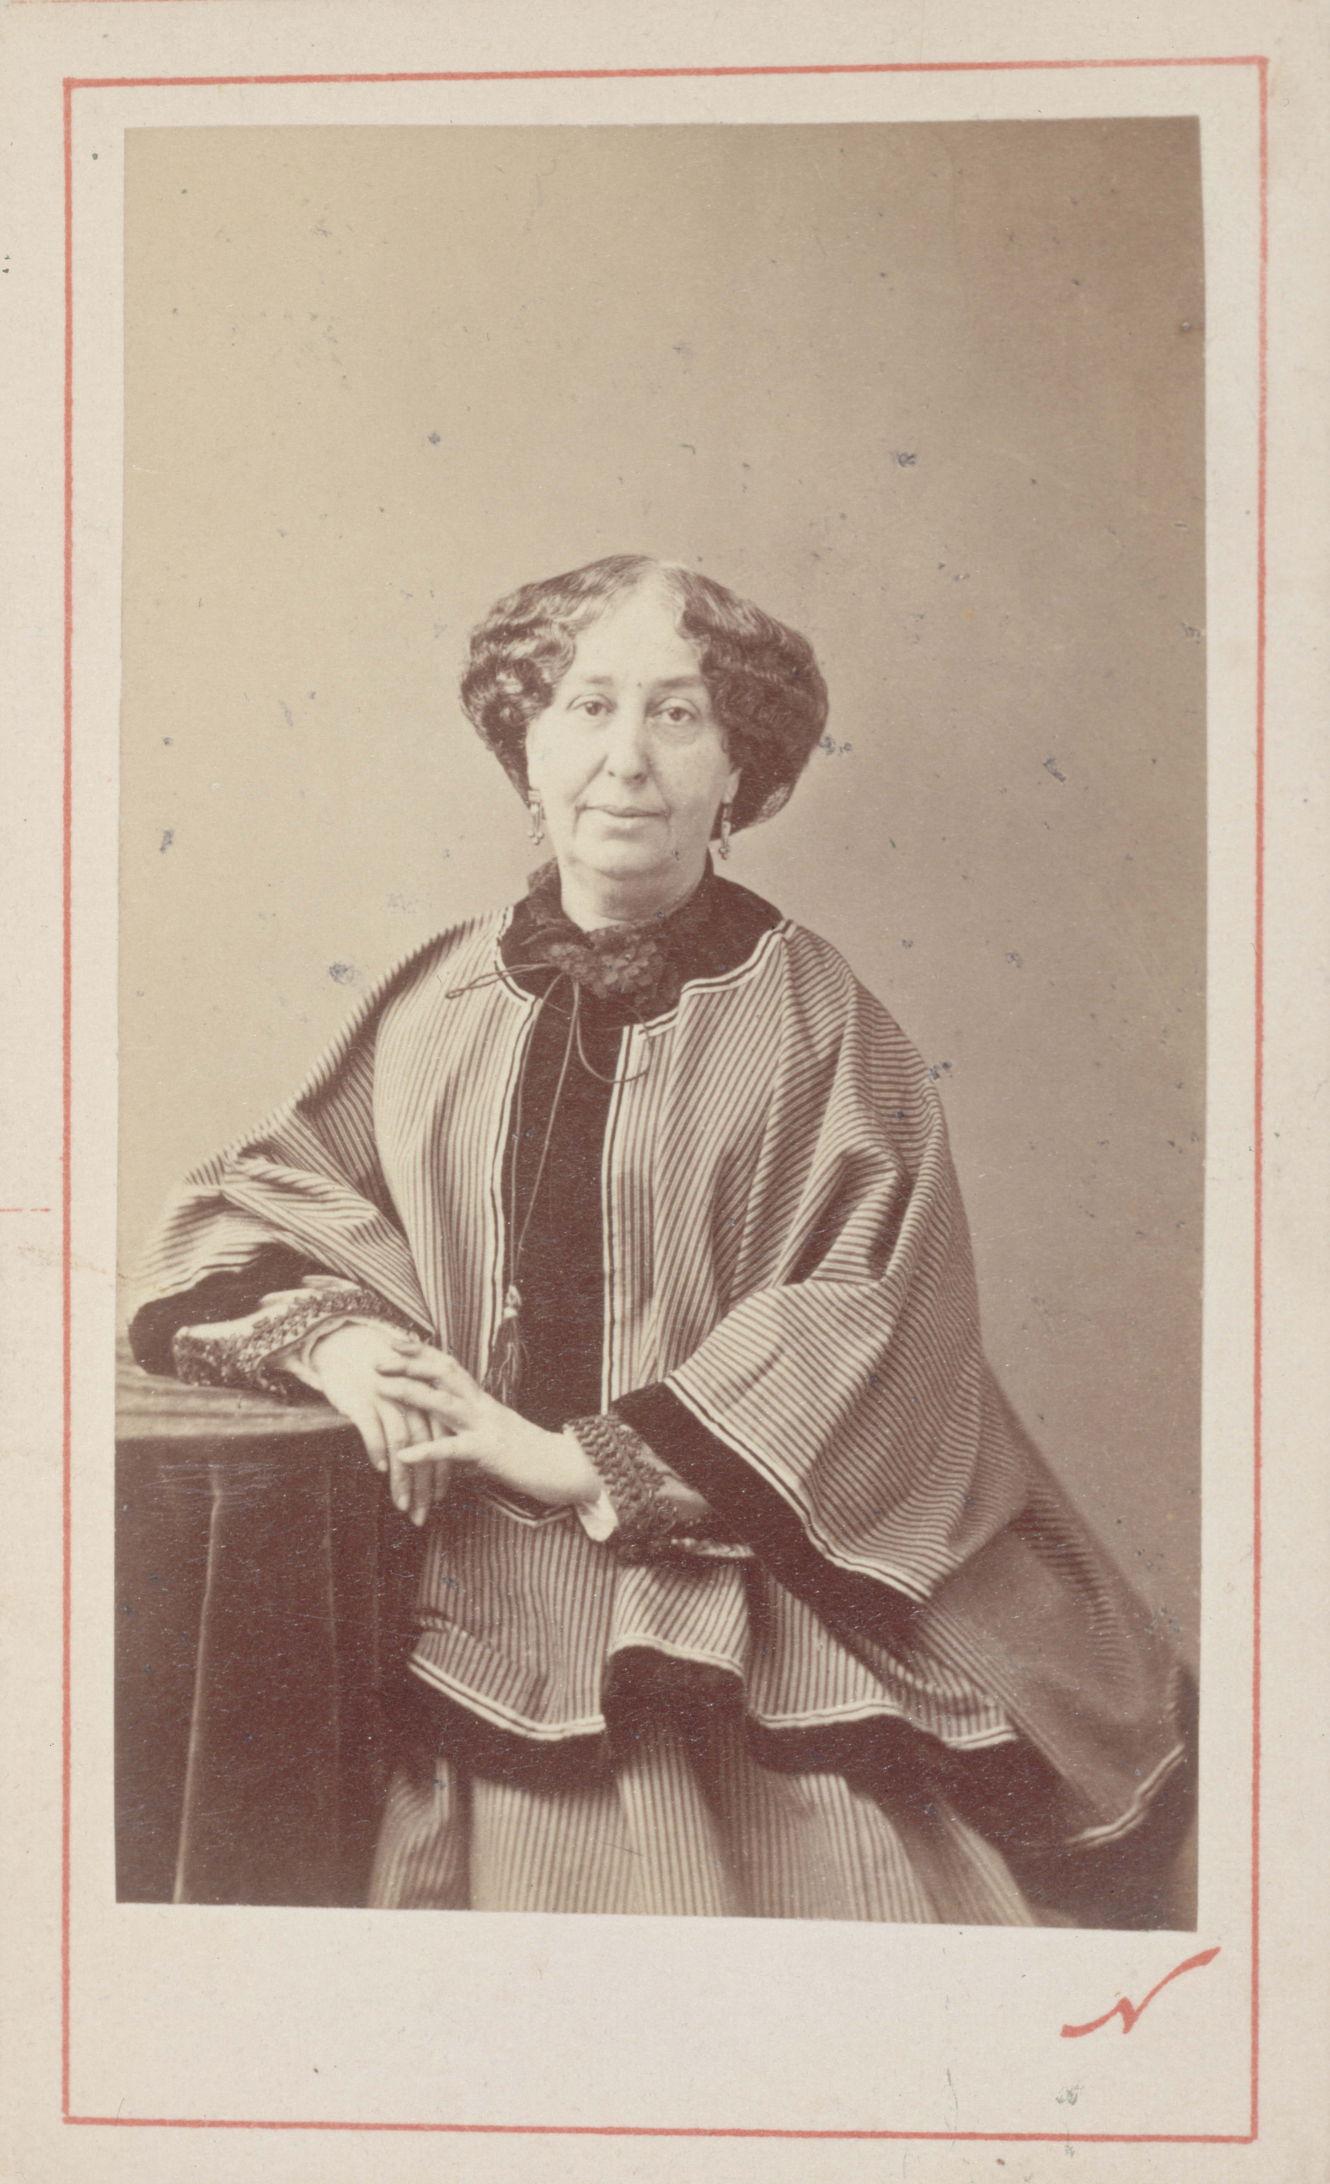 Portrait de George Sand, photographie de Nadar